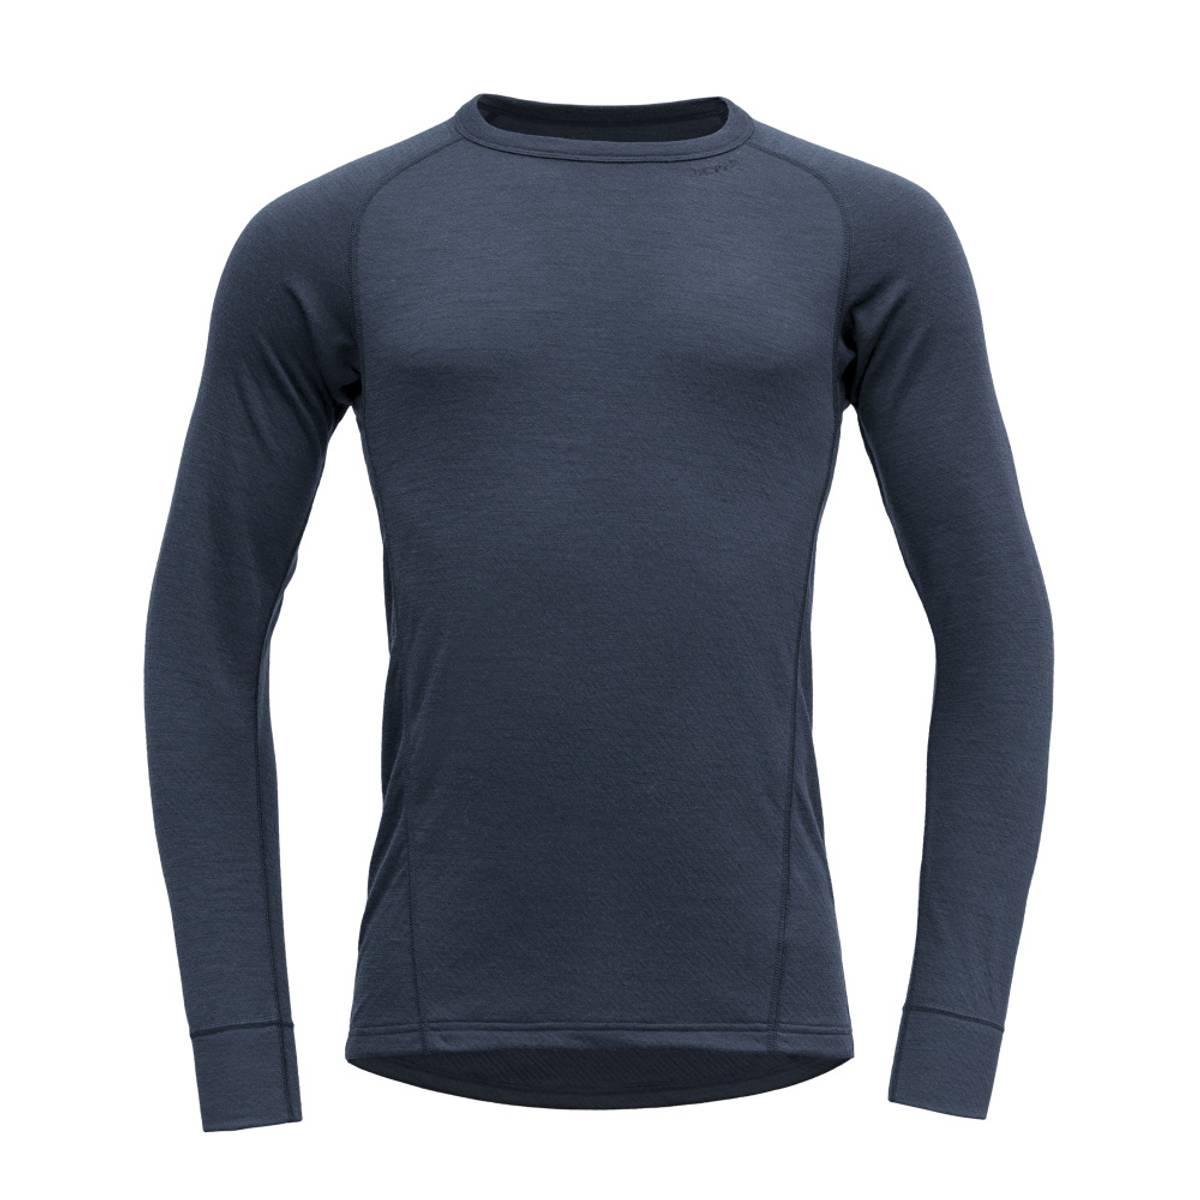 Duo Active Man Shirt - Ink